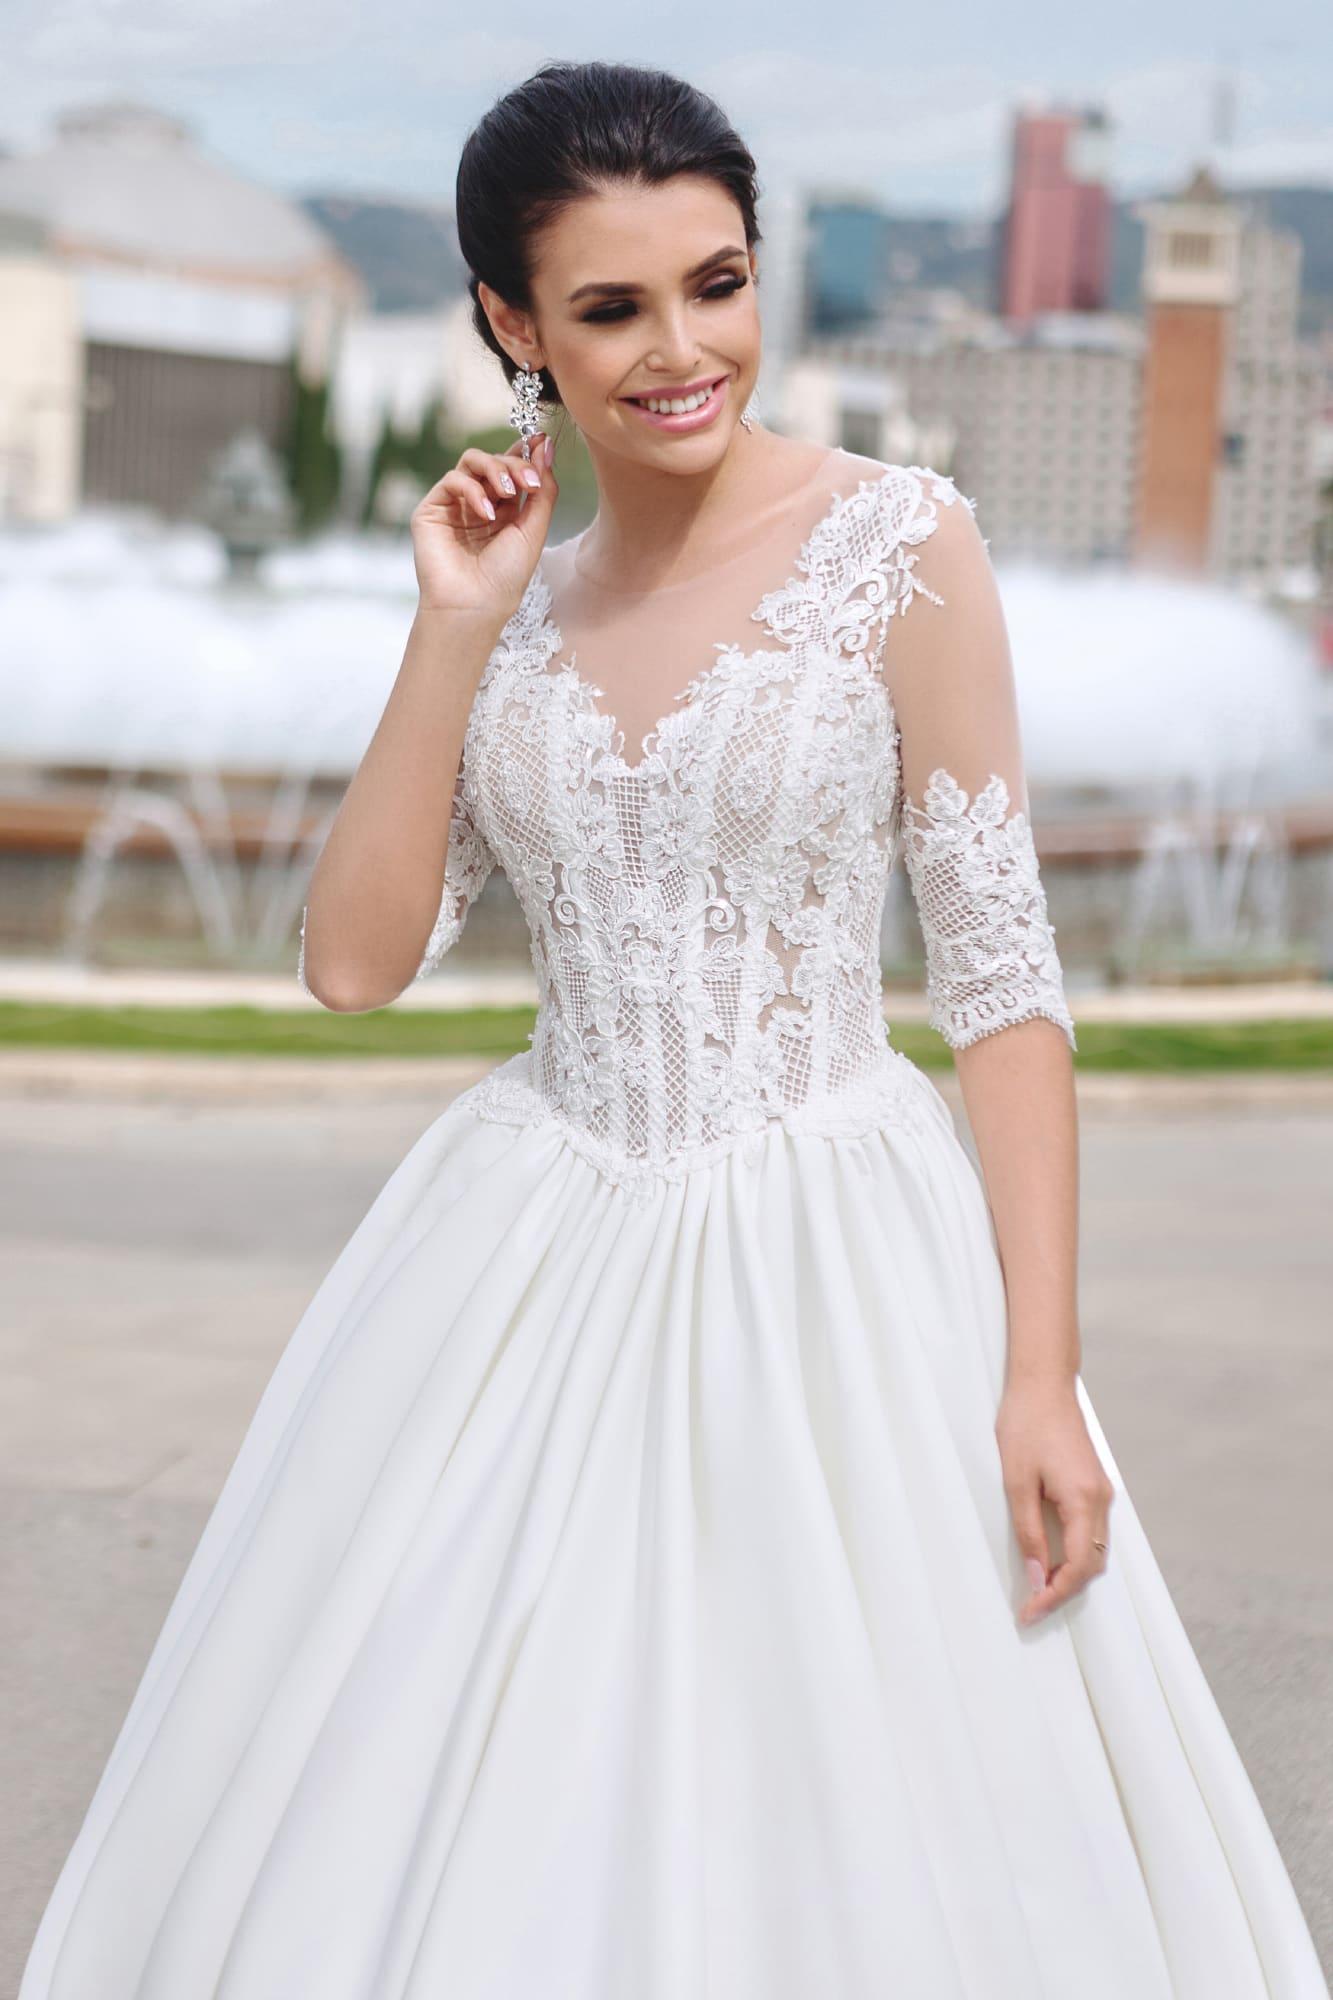 Свадебное платье с полупрозрачным кружевным корсетом и атласной юбкой А-силуэта.